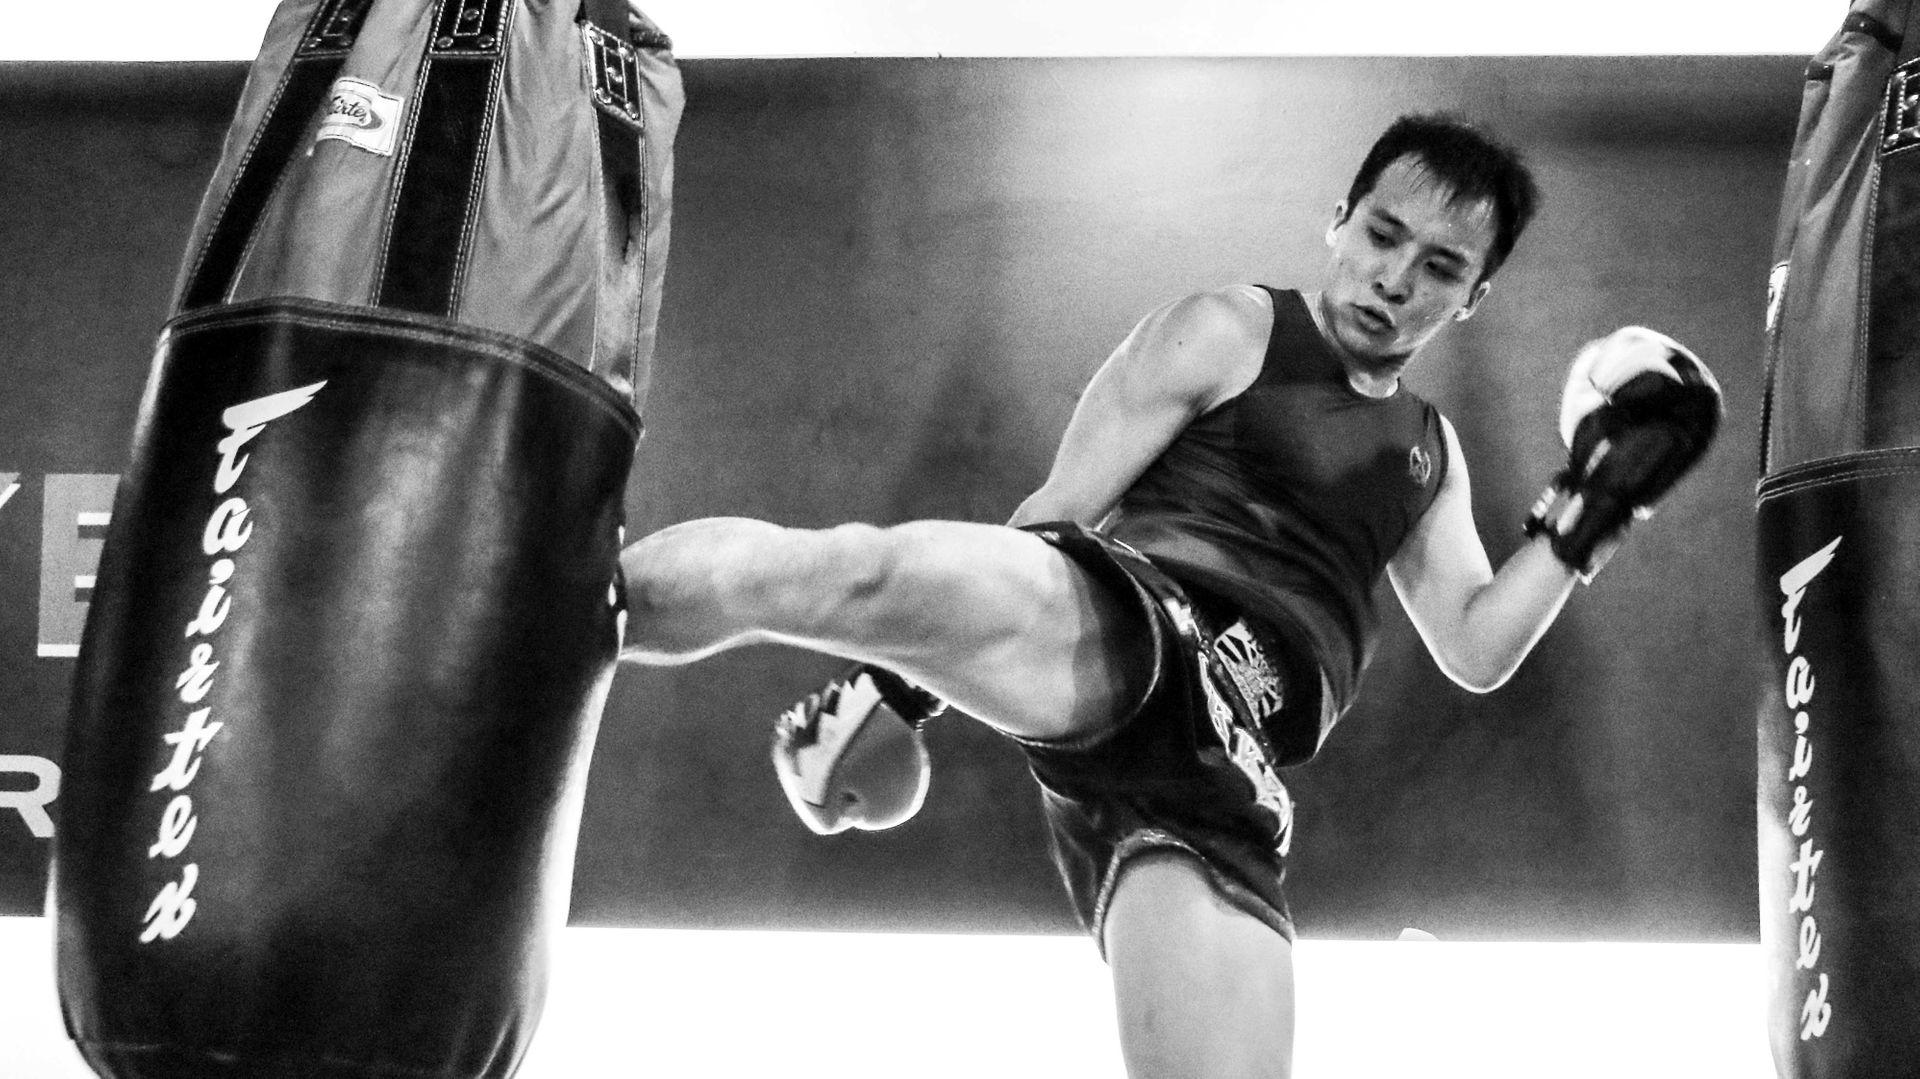 martial-arts-life-hacks